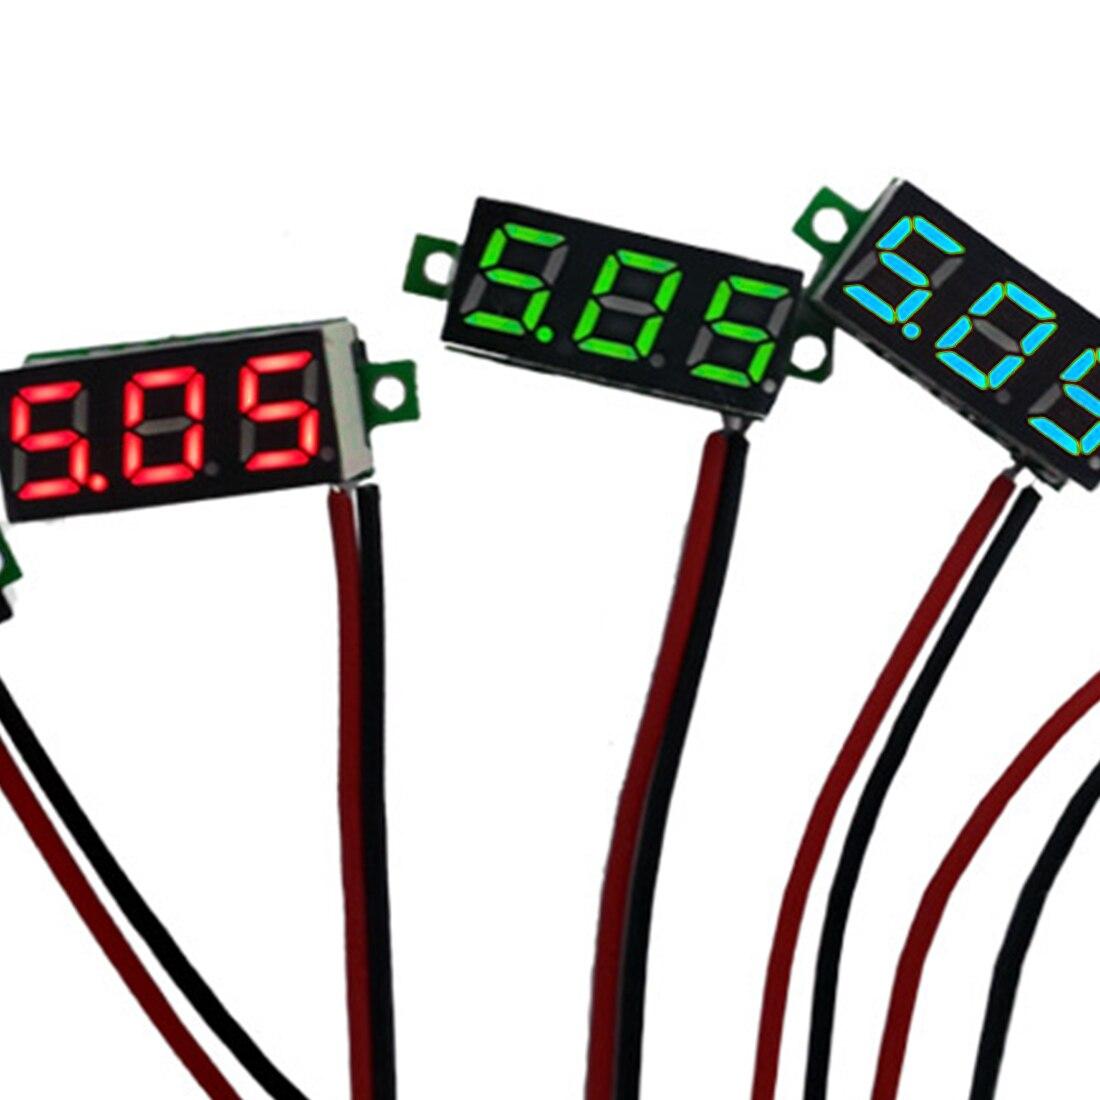 Мини цифровой вольтметр измеритель напряжения 0,28 дюймов 2,5 в 30 в светодиодный экран электронные запчасти аксессуары Цифровой вольтметр Горячий|mini digital voltmeter|mini digital voltmeter voltagedigital voltmeter | АлиЭкспресс